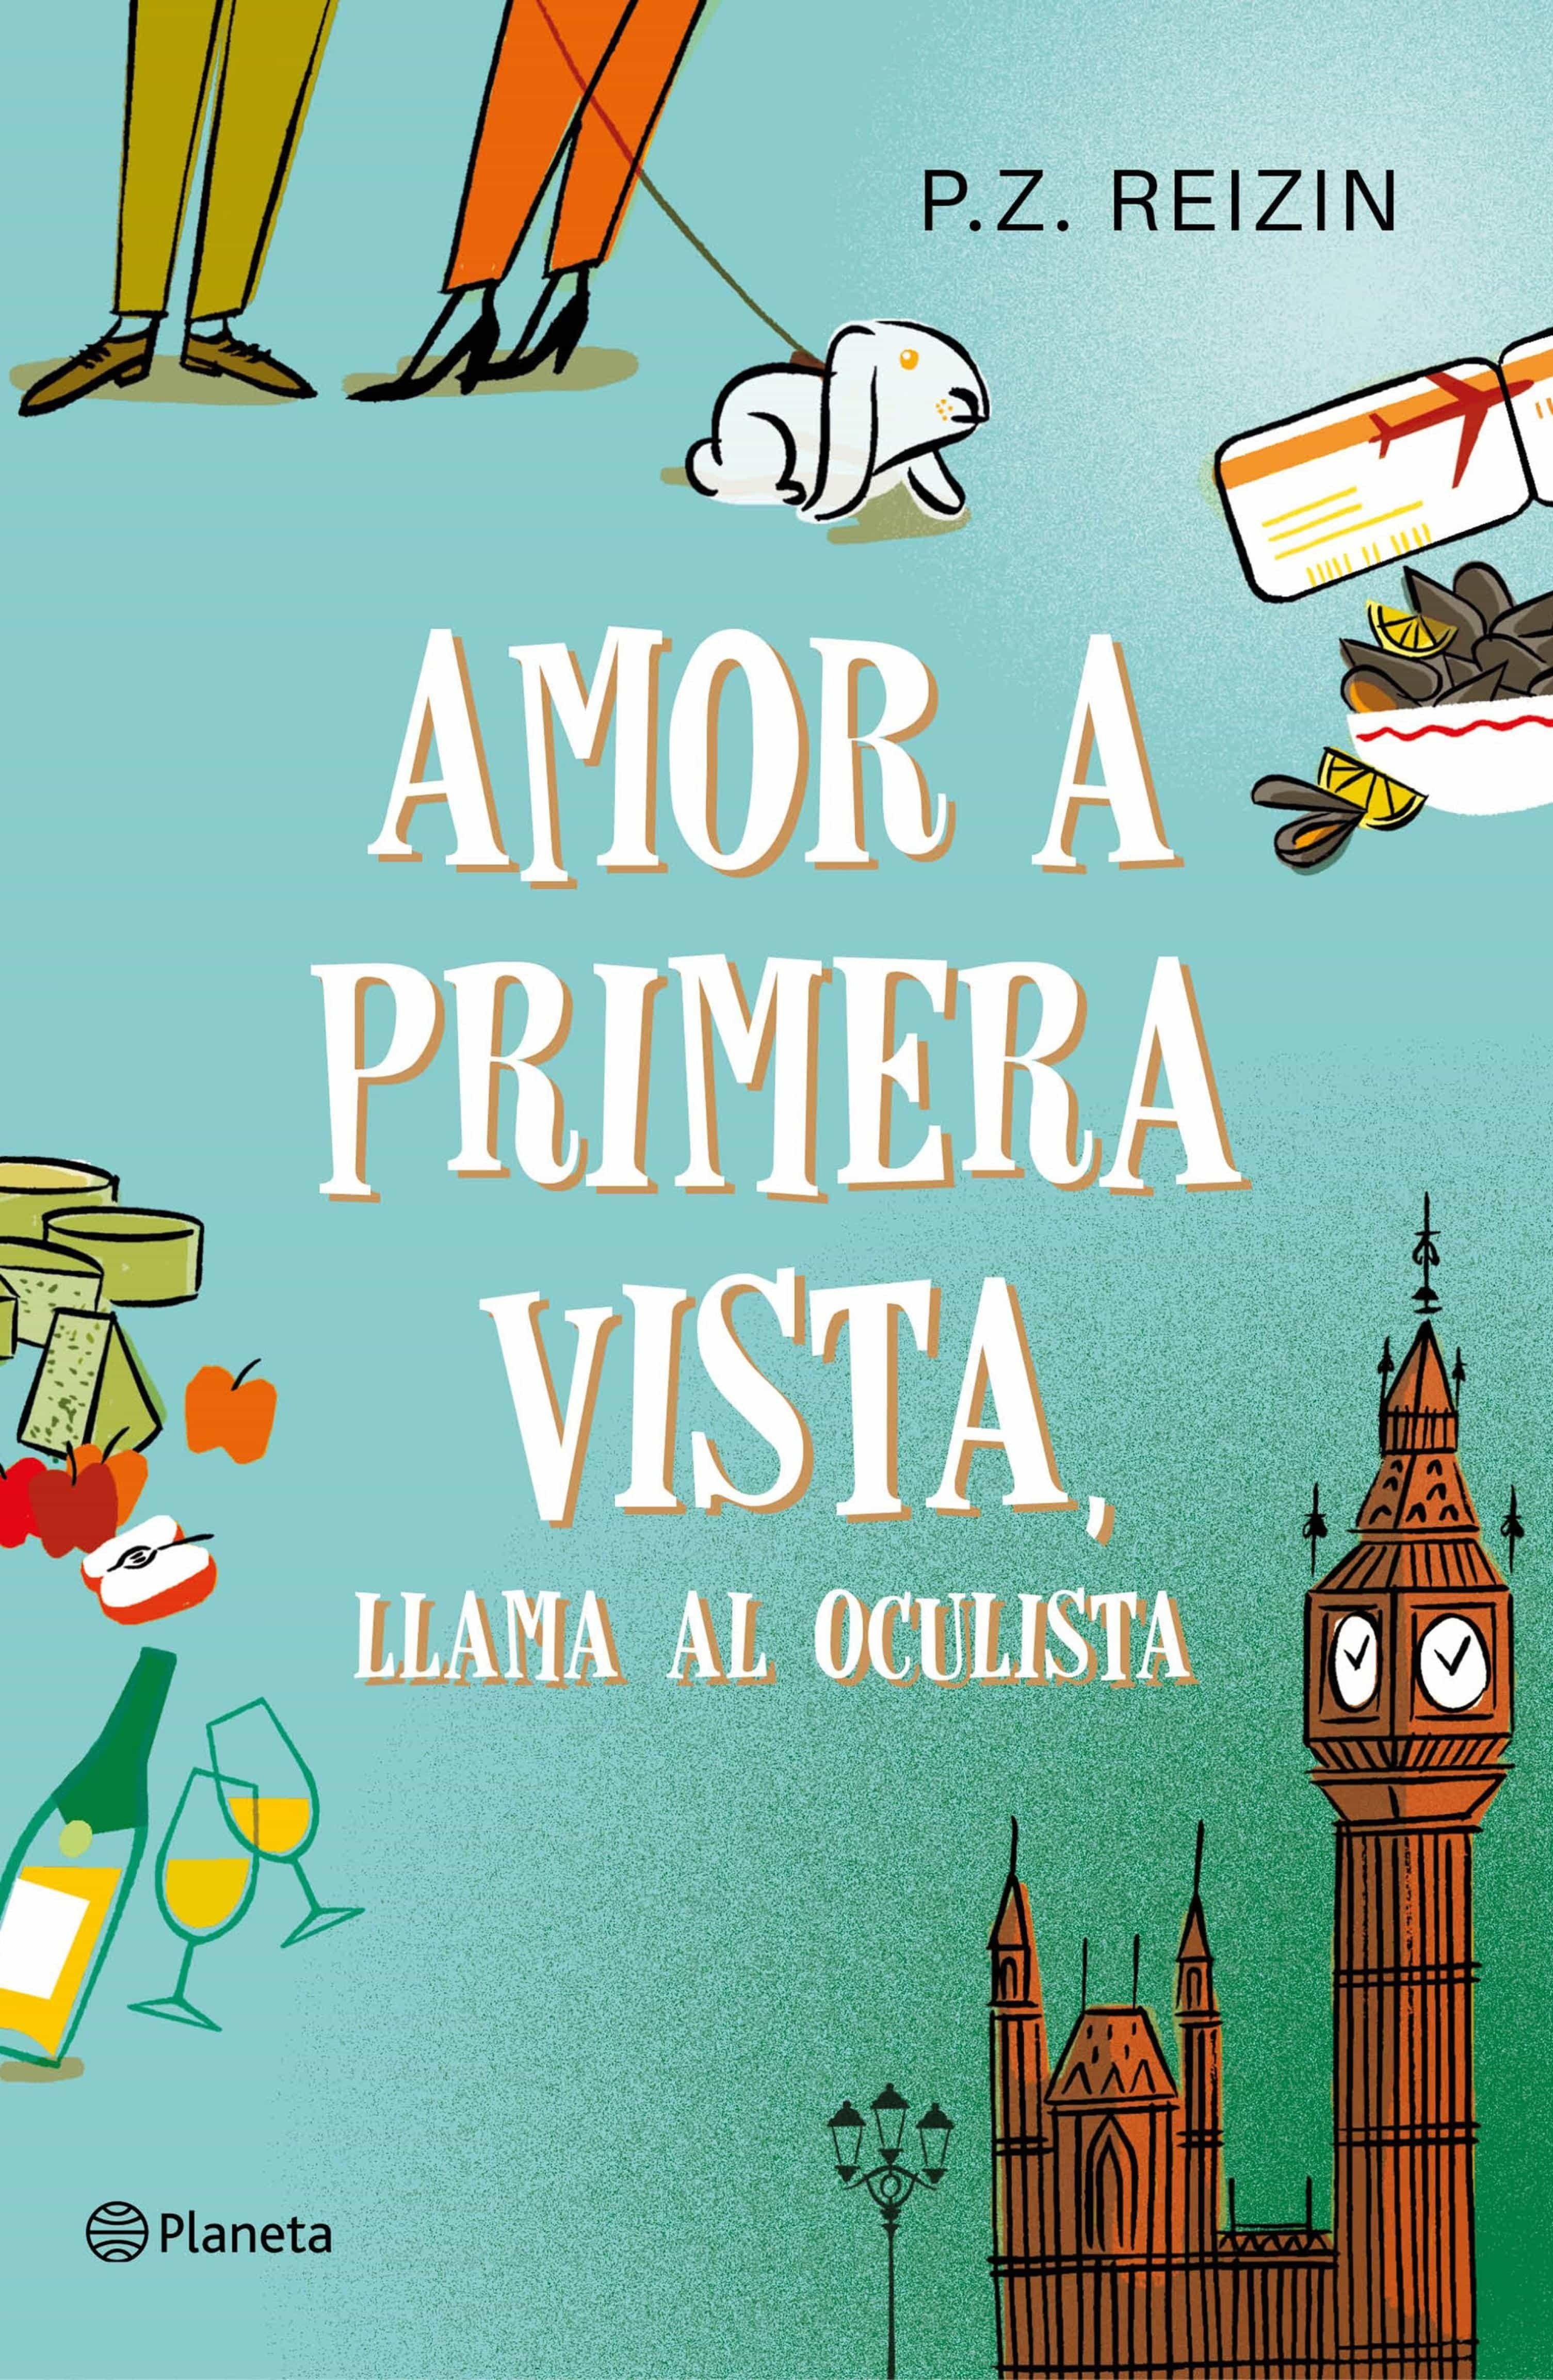 bf55313cbb0 Amor A Primera Vista